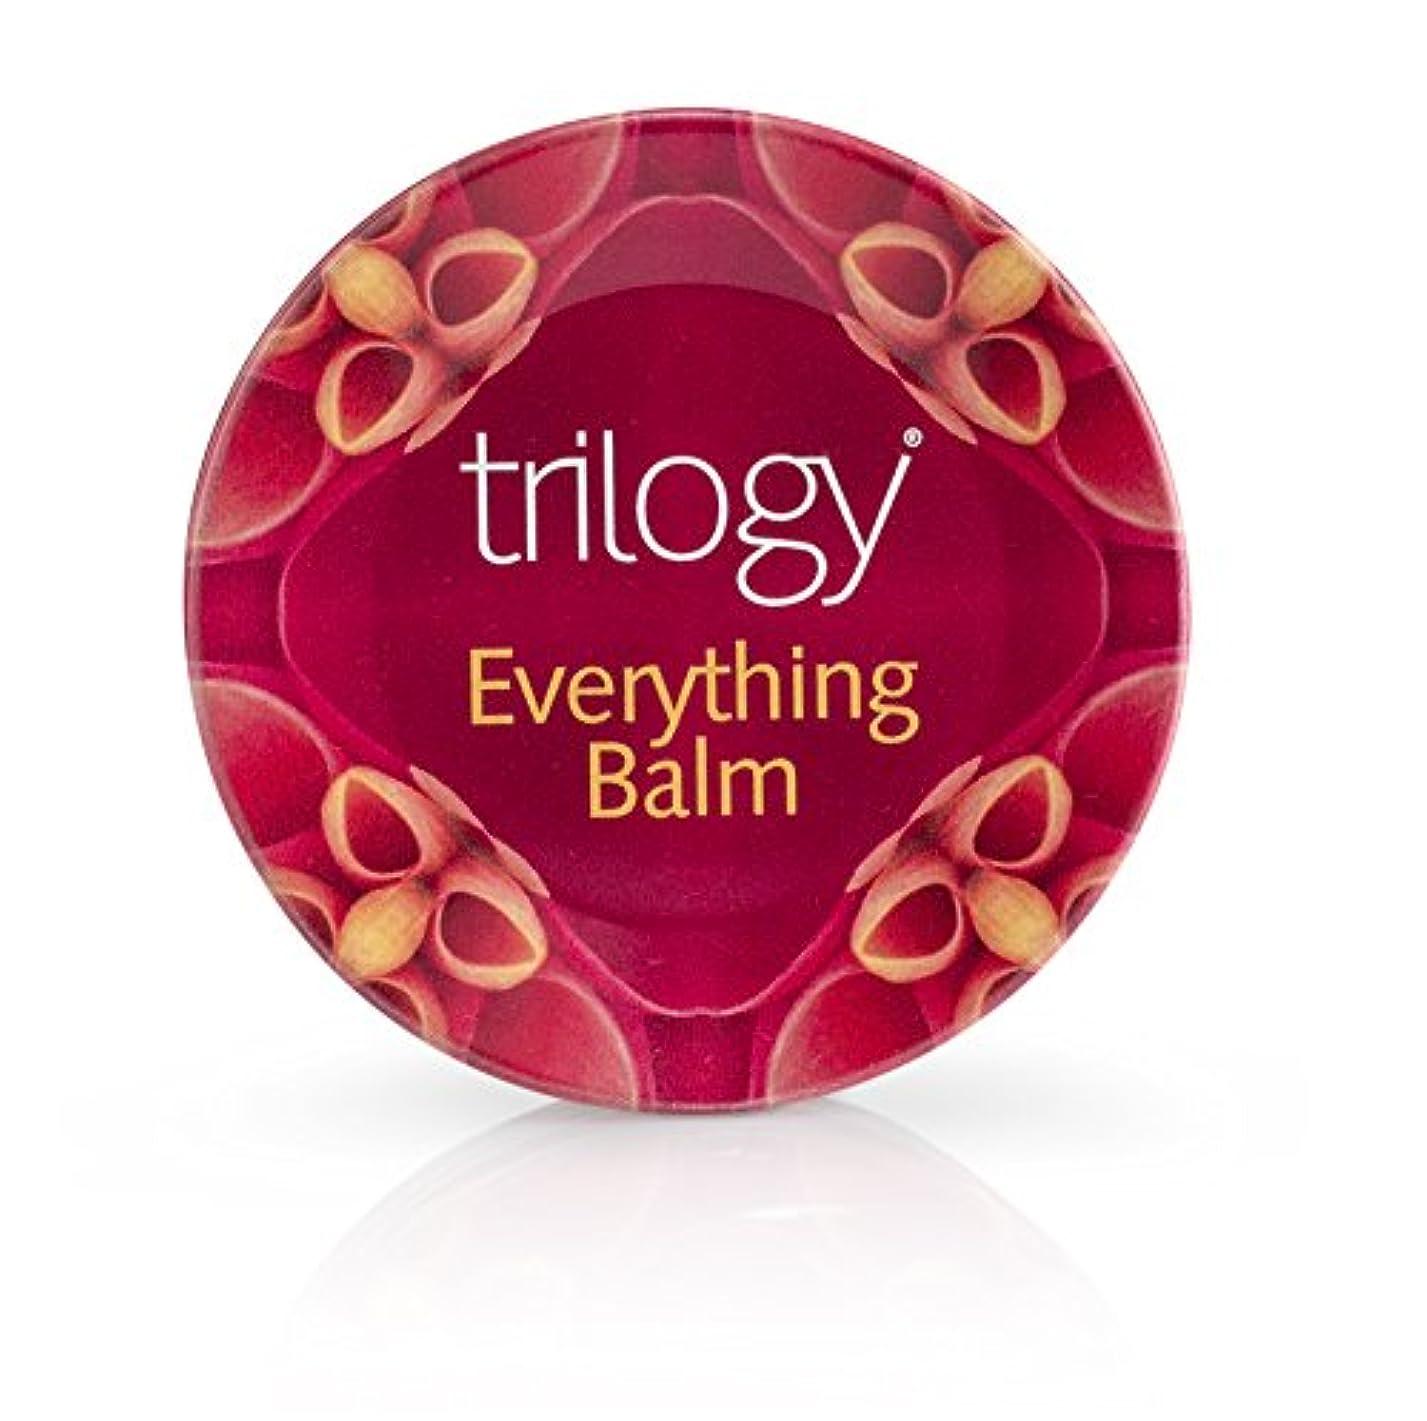 直接サポートポスト印象派トリロジー(trilogy) エブリシング バーム 〈全身用バーム〉 (95mL)